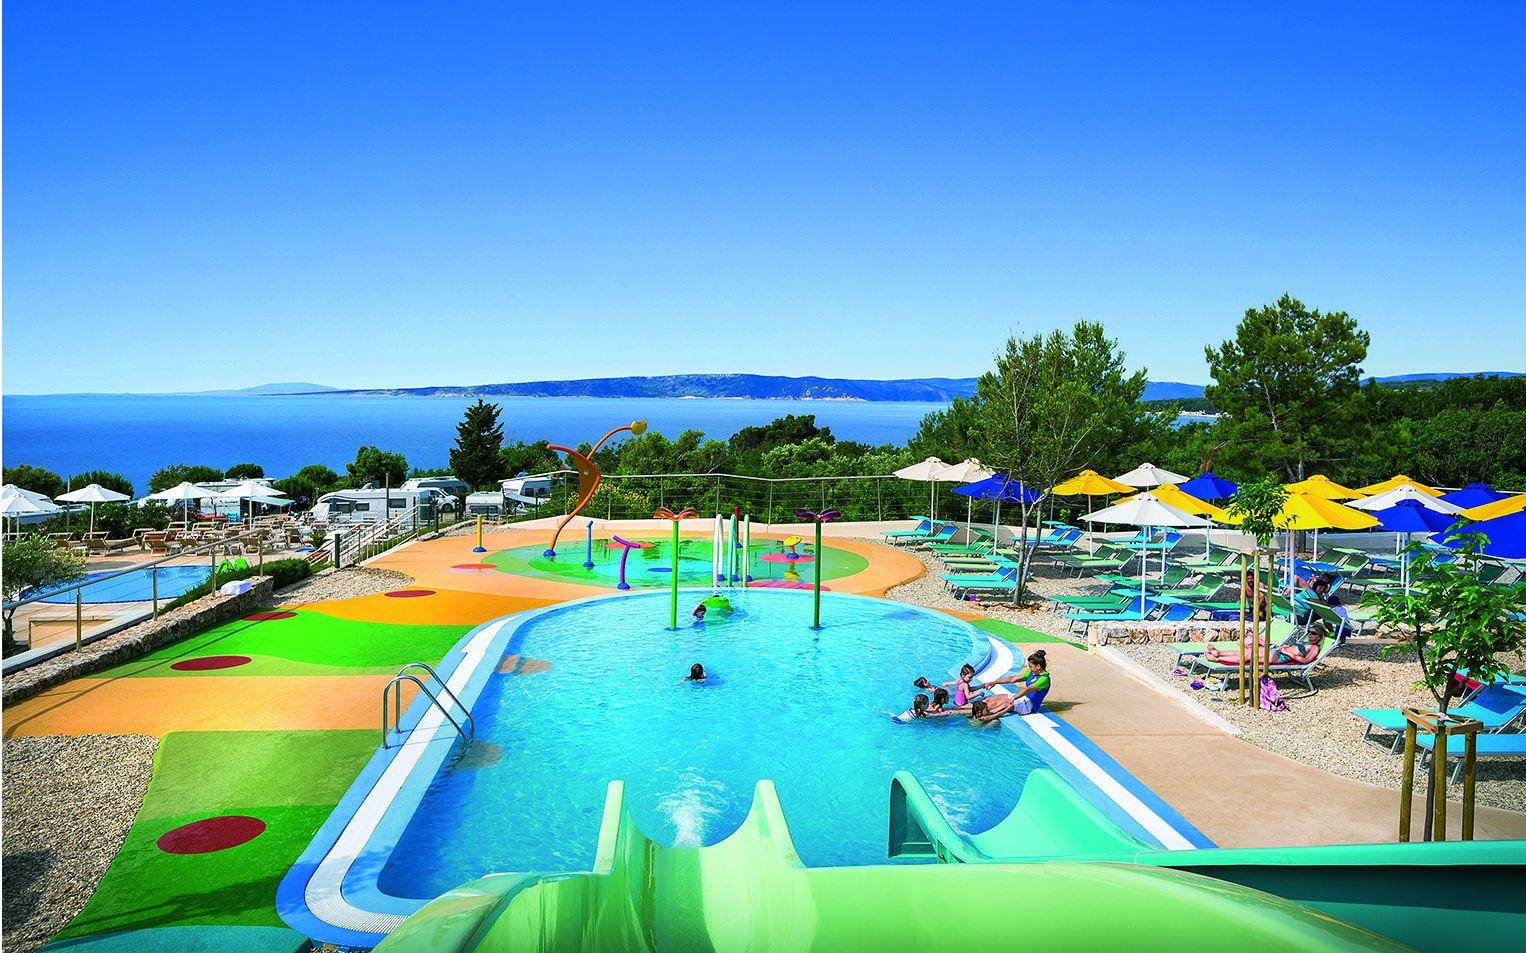 Campsite KrK Premium Resort